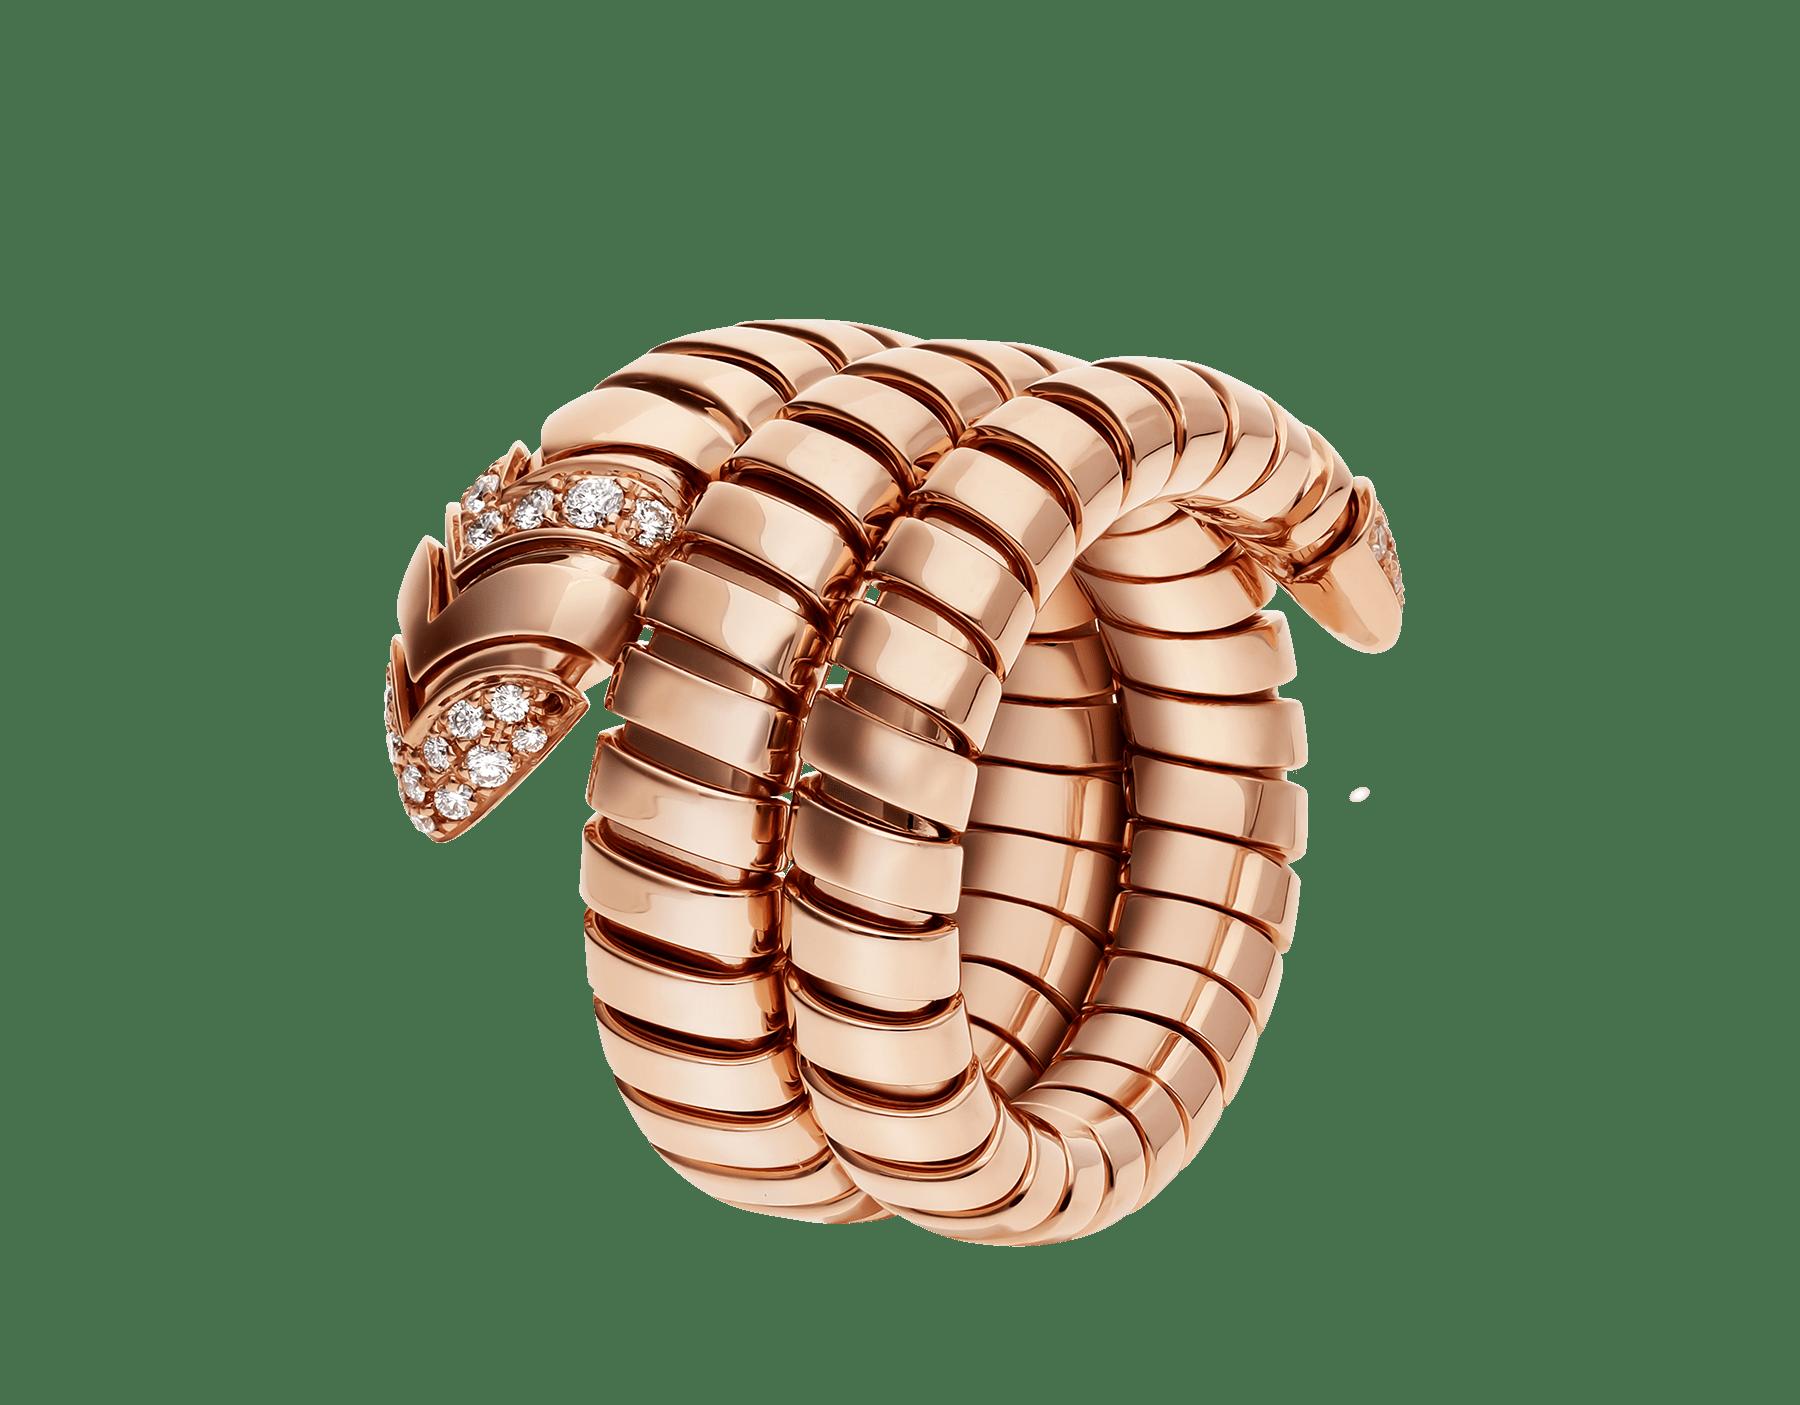 Associant le motif du serpent à la technique Tubogas pour créer une nouvelle forme de séduction, la bague Serpenti s'enroule autour du doigt avec la féminité de l'or rose et le glamour éclatant du pavé diamants. AN856571 image 1